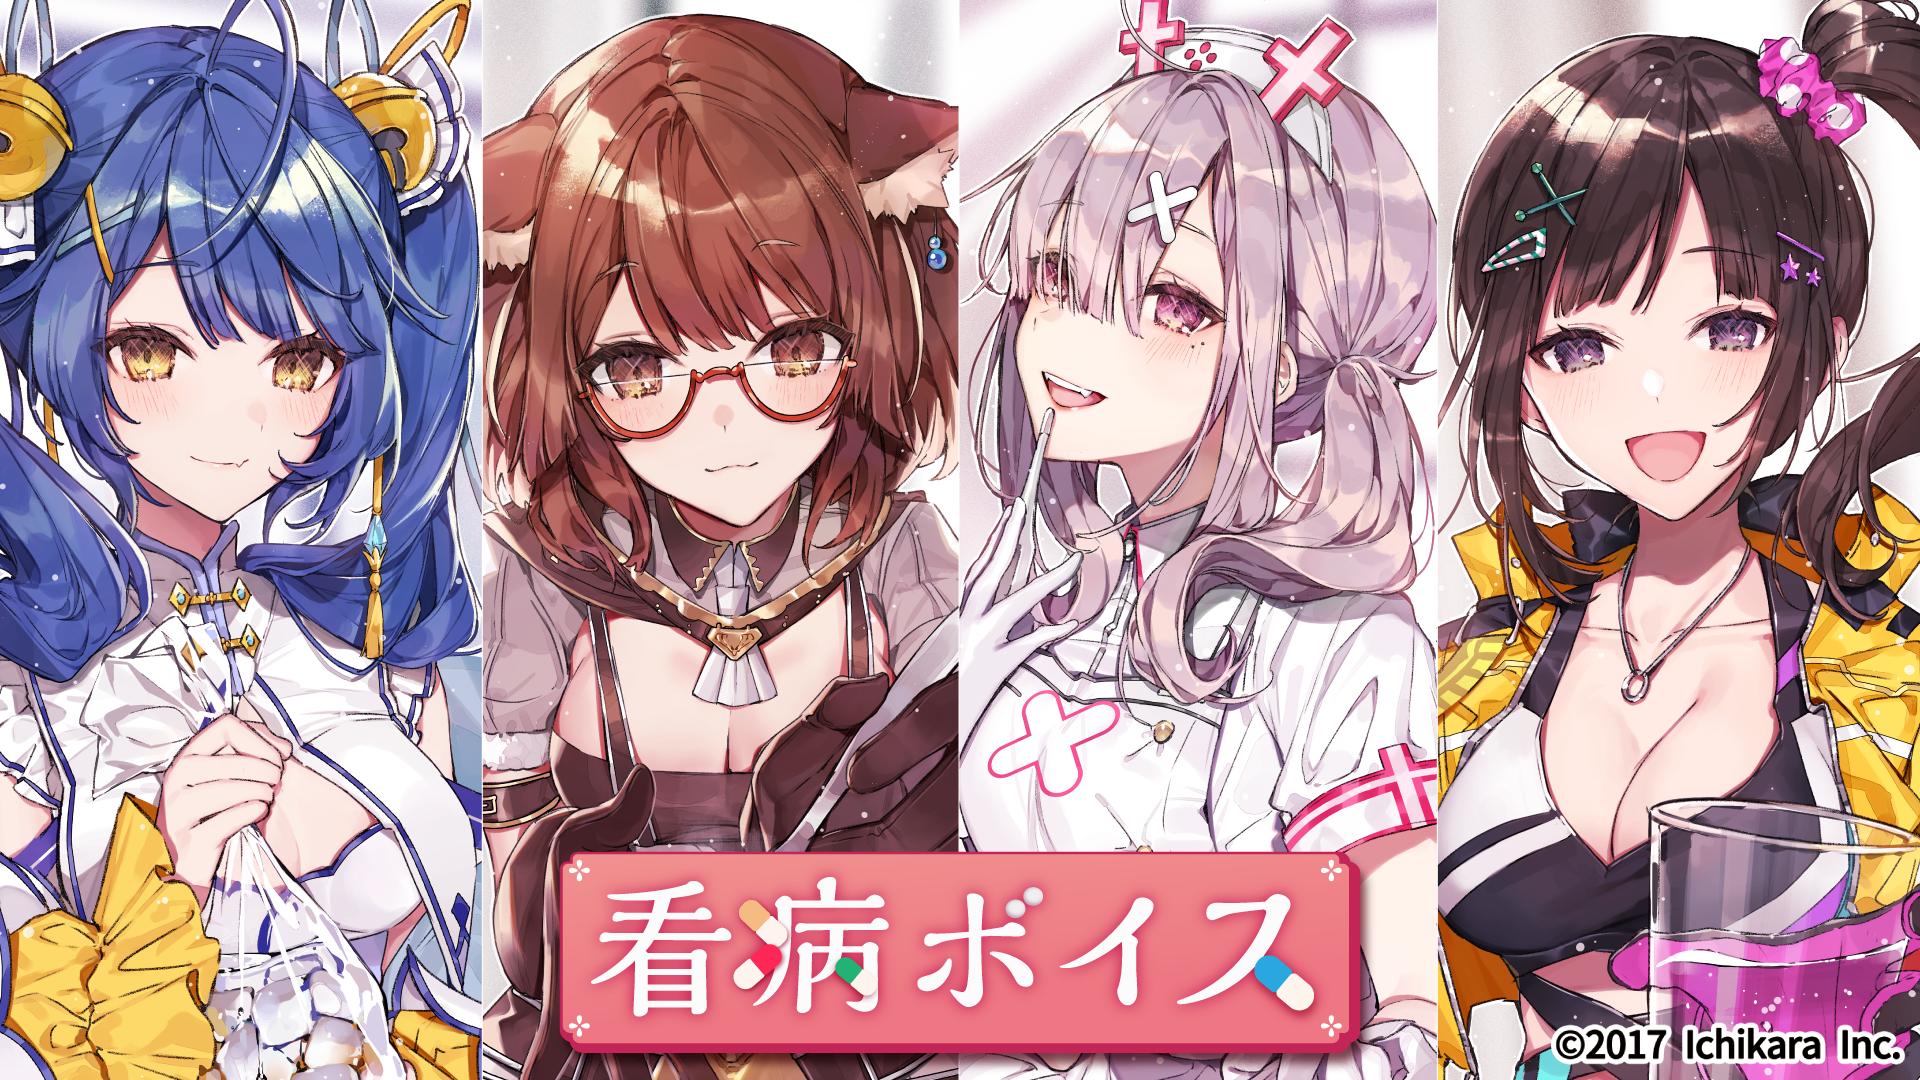 にじさんじ看病ボイス 4月23日 木 より発売決定 いちから株式会社